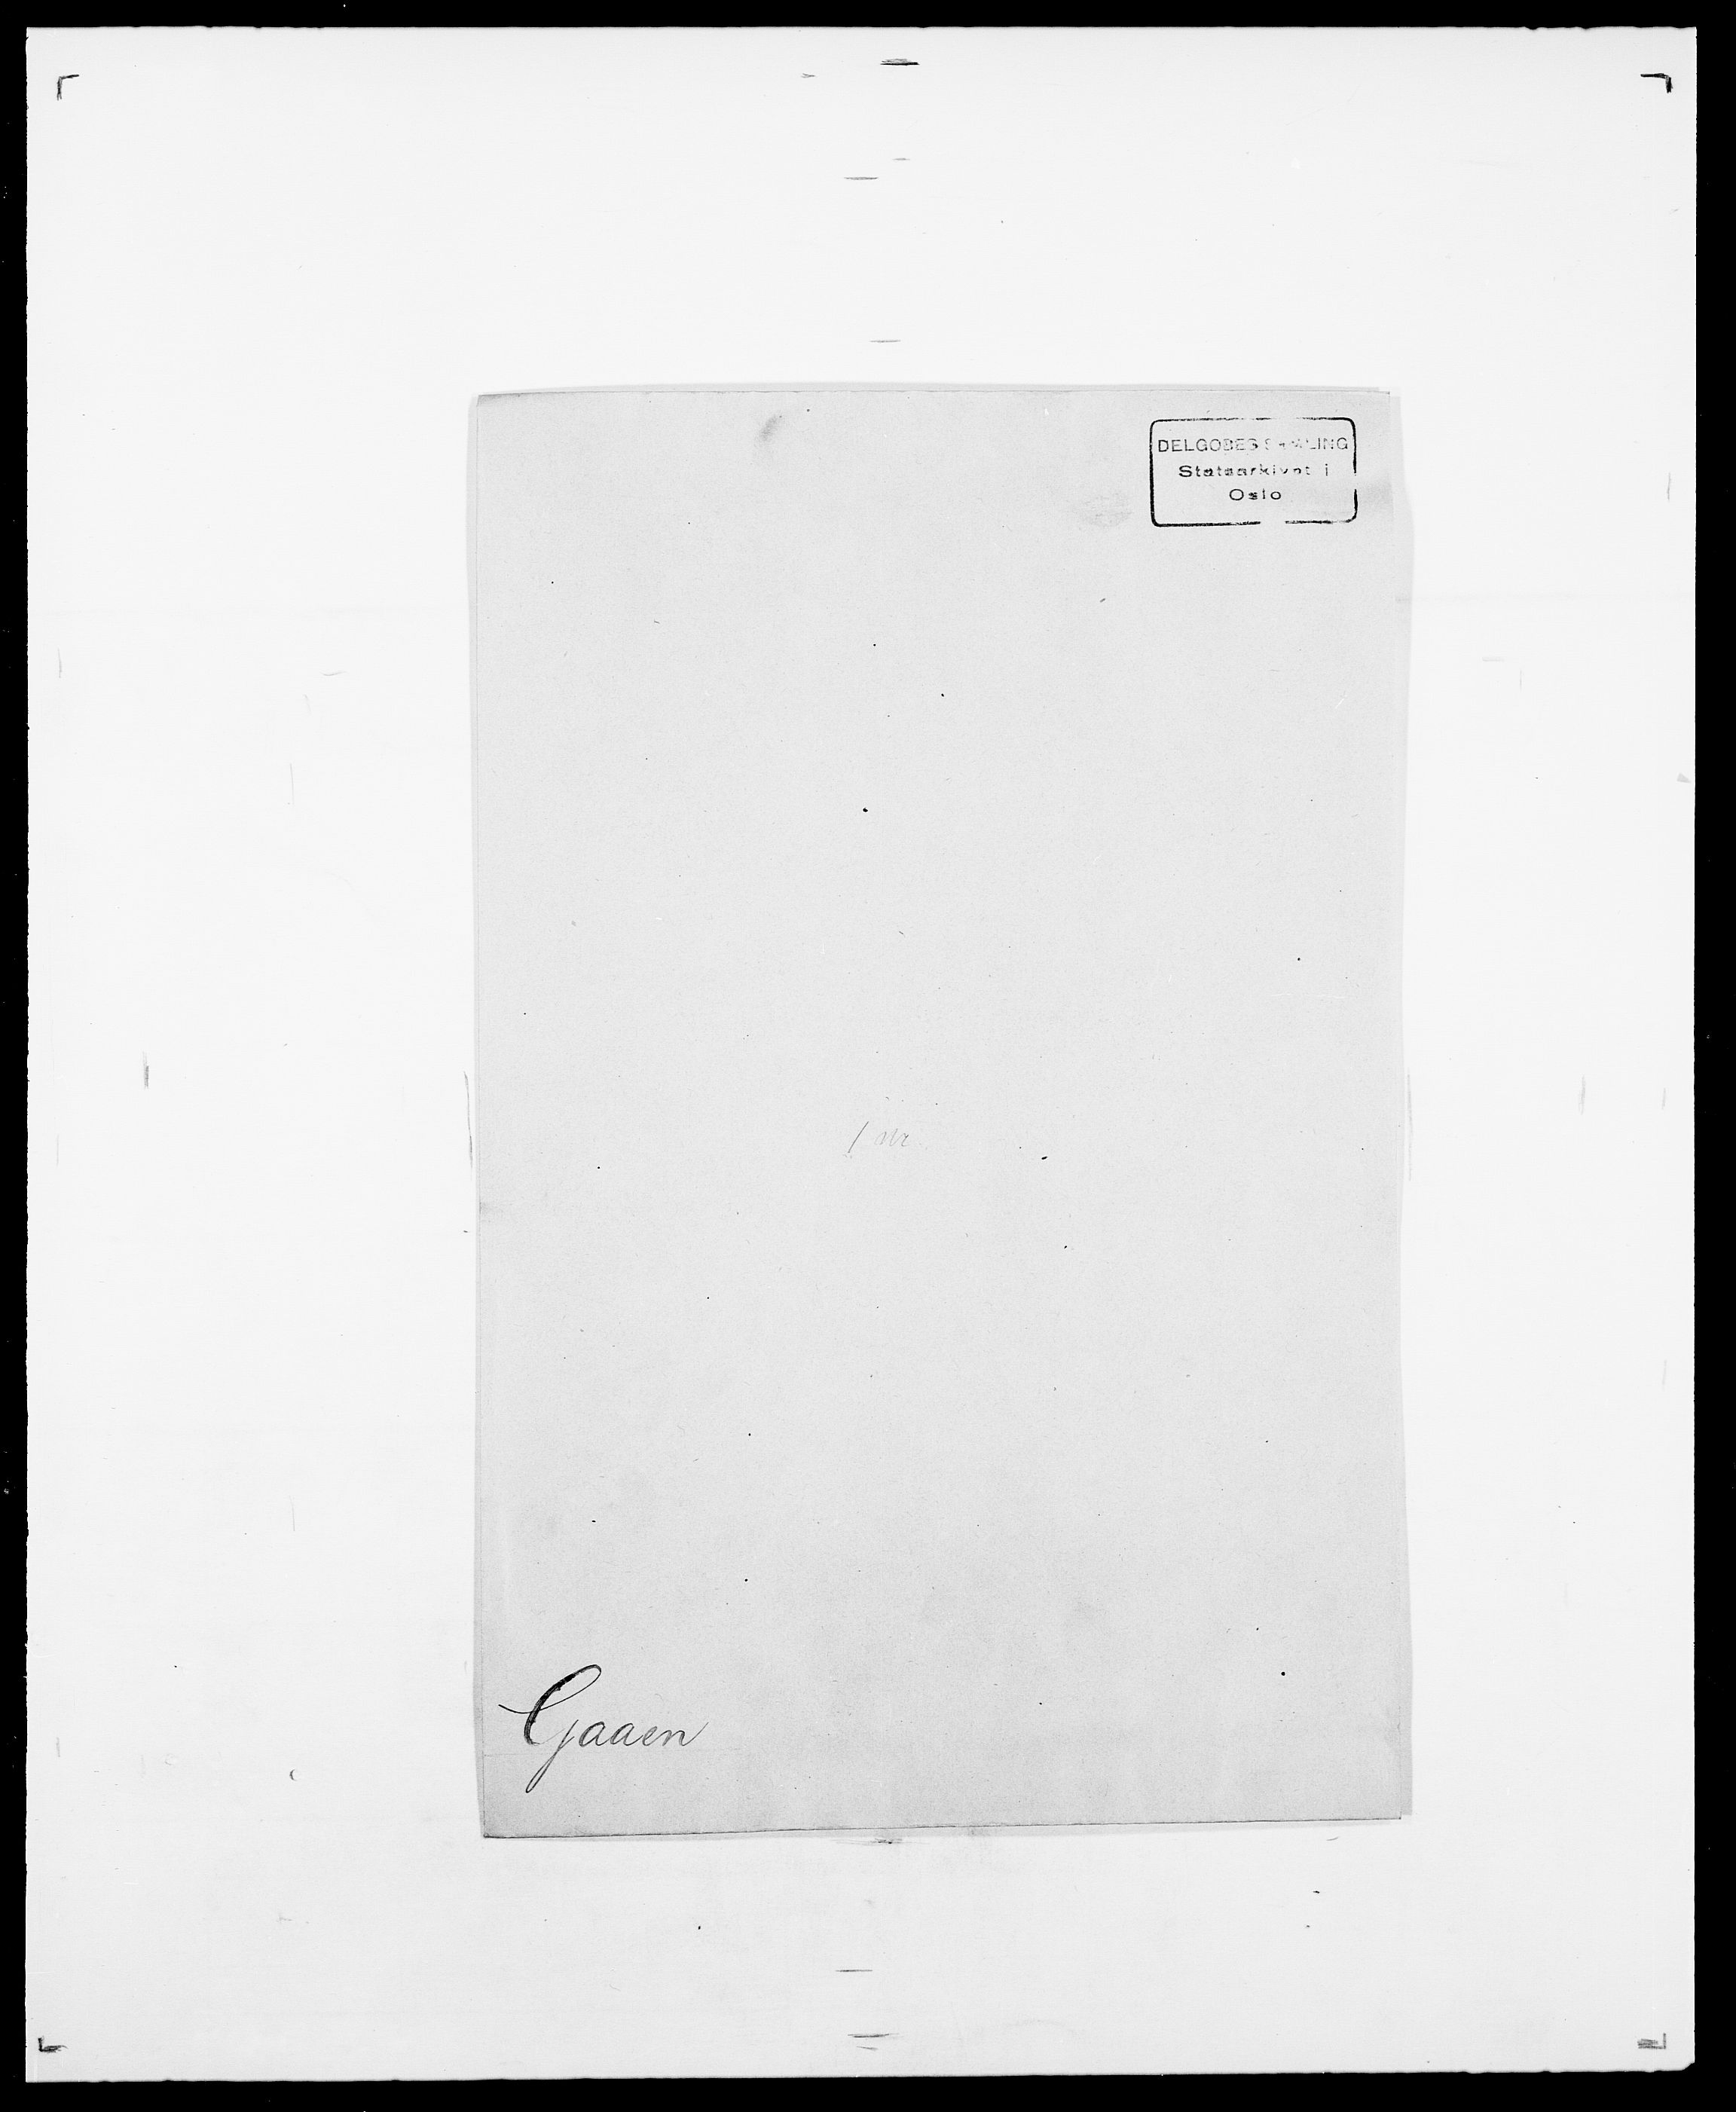 SAO, Delgobe, Charles Antoine - samling, D/Da/L0013: Forbos - Geving, s. 306